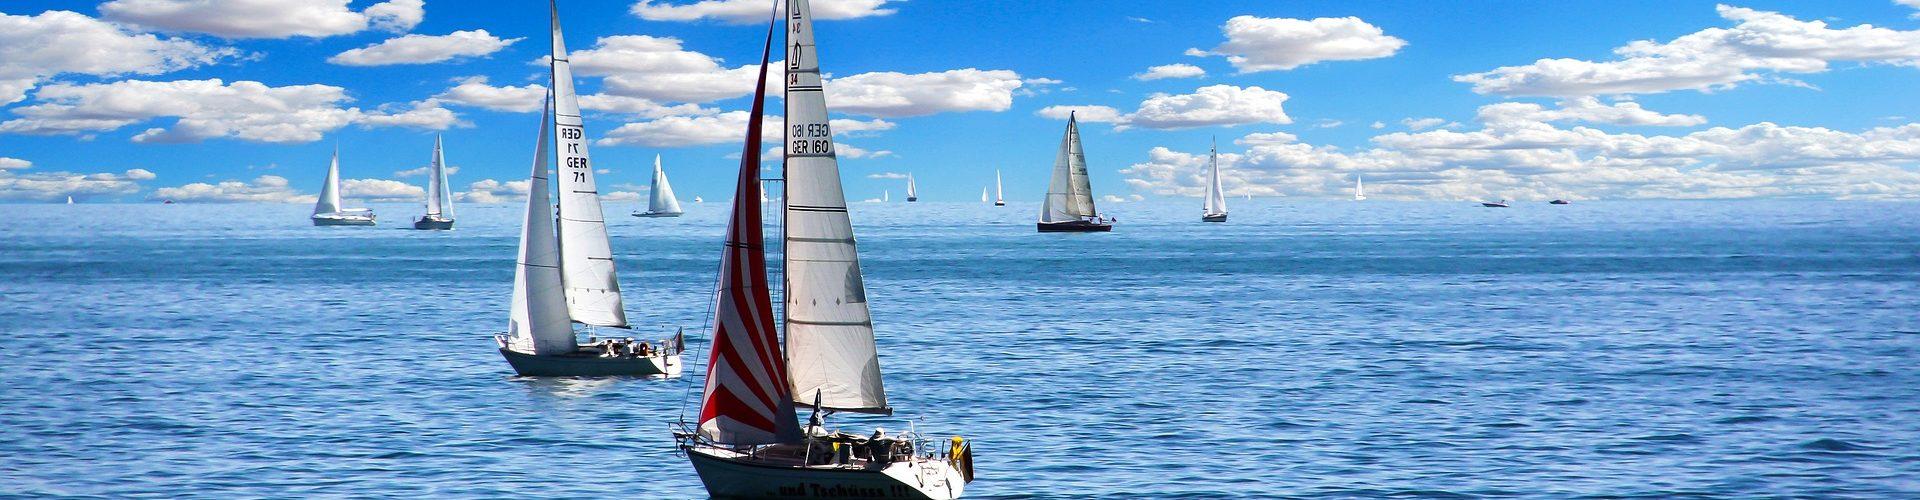 segeln lernen in Norderney segelschein machen in Norderney 1920x500 - Segeln lernen in Norderney